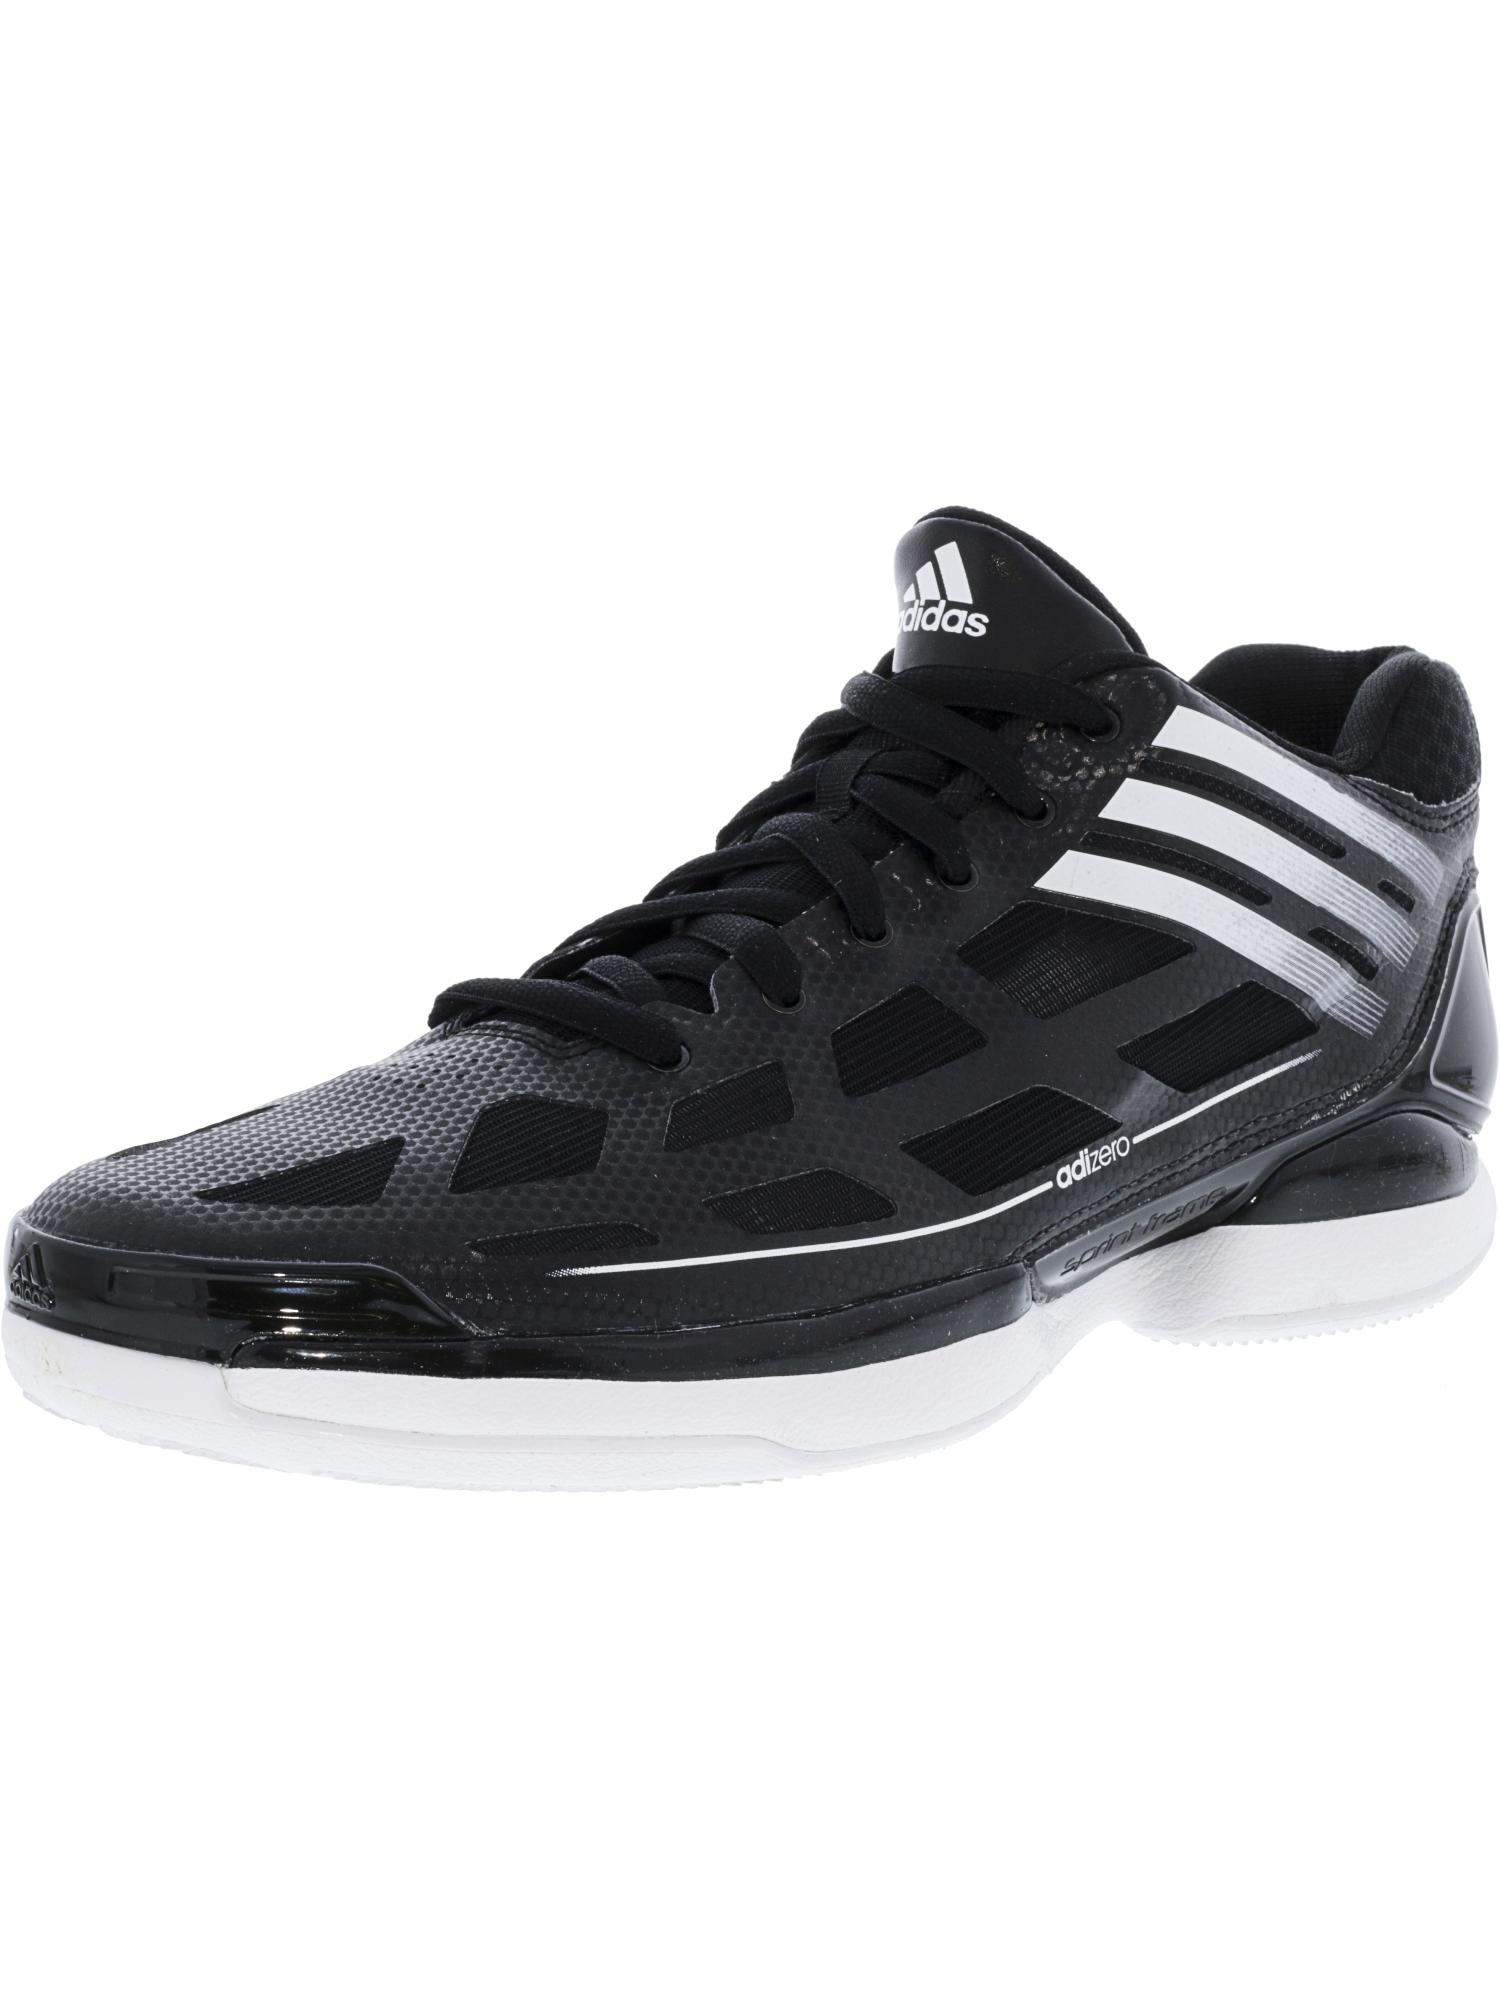 Adidas-Men-039-s-Adizero-Crazy-Light-High-